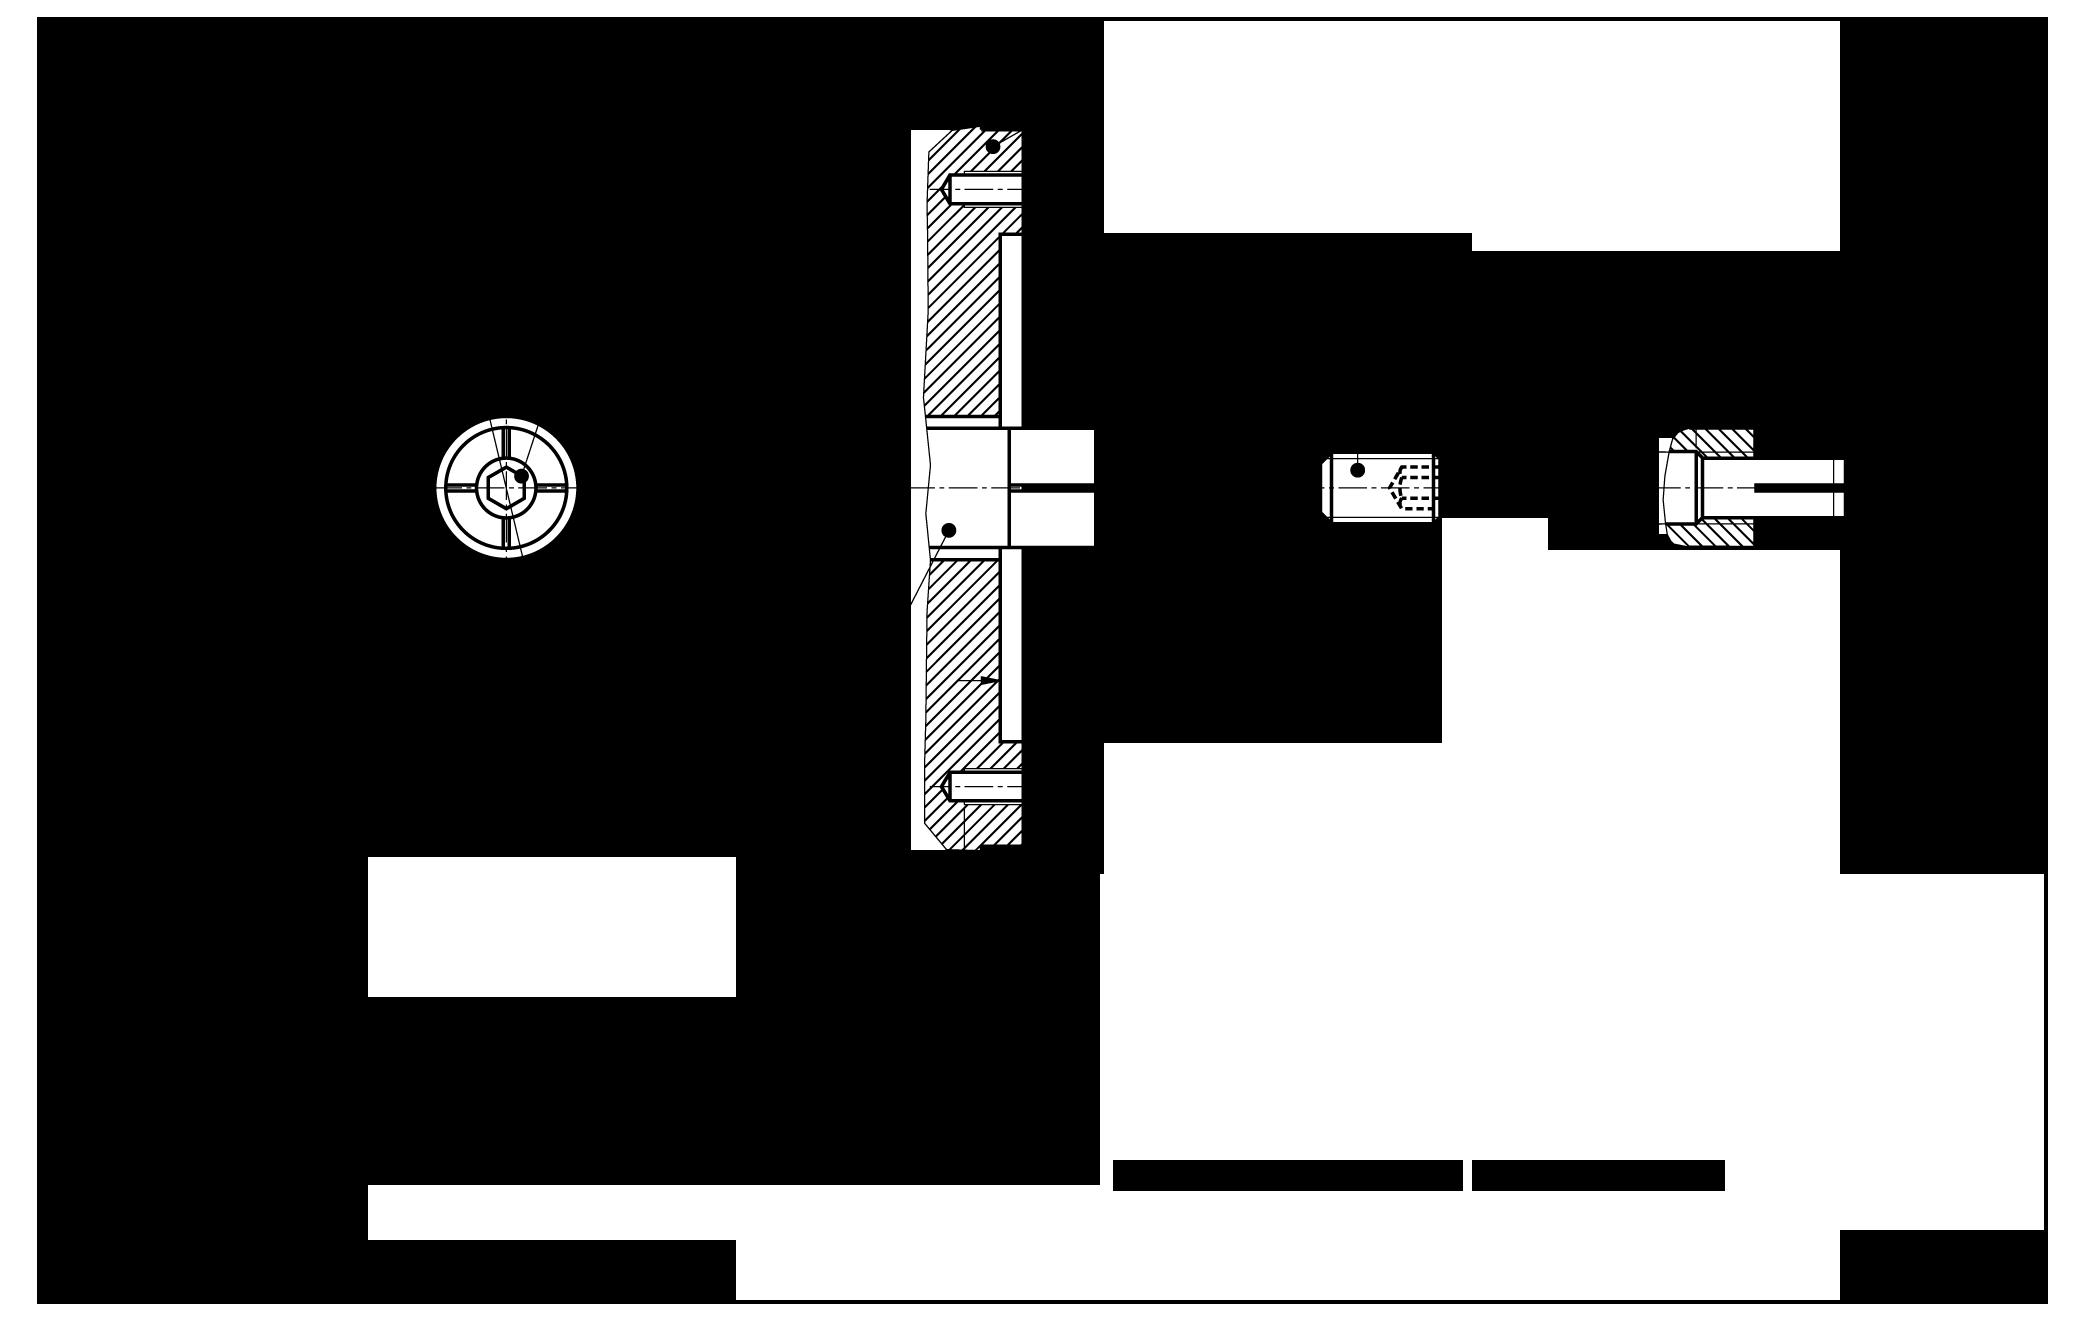 Magnetic Incremental Rotary Encoder Gel 2592 Lenord